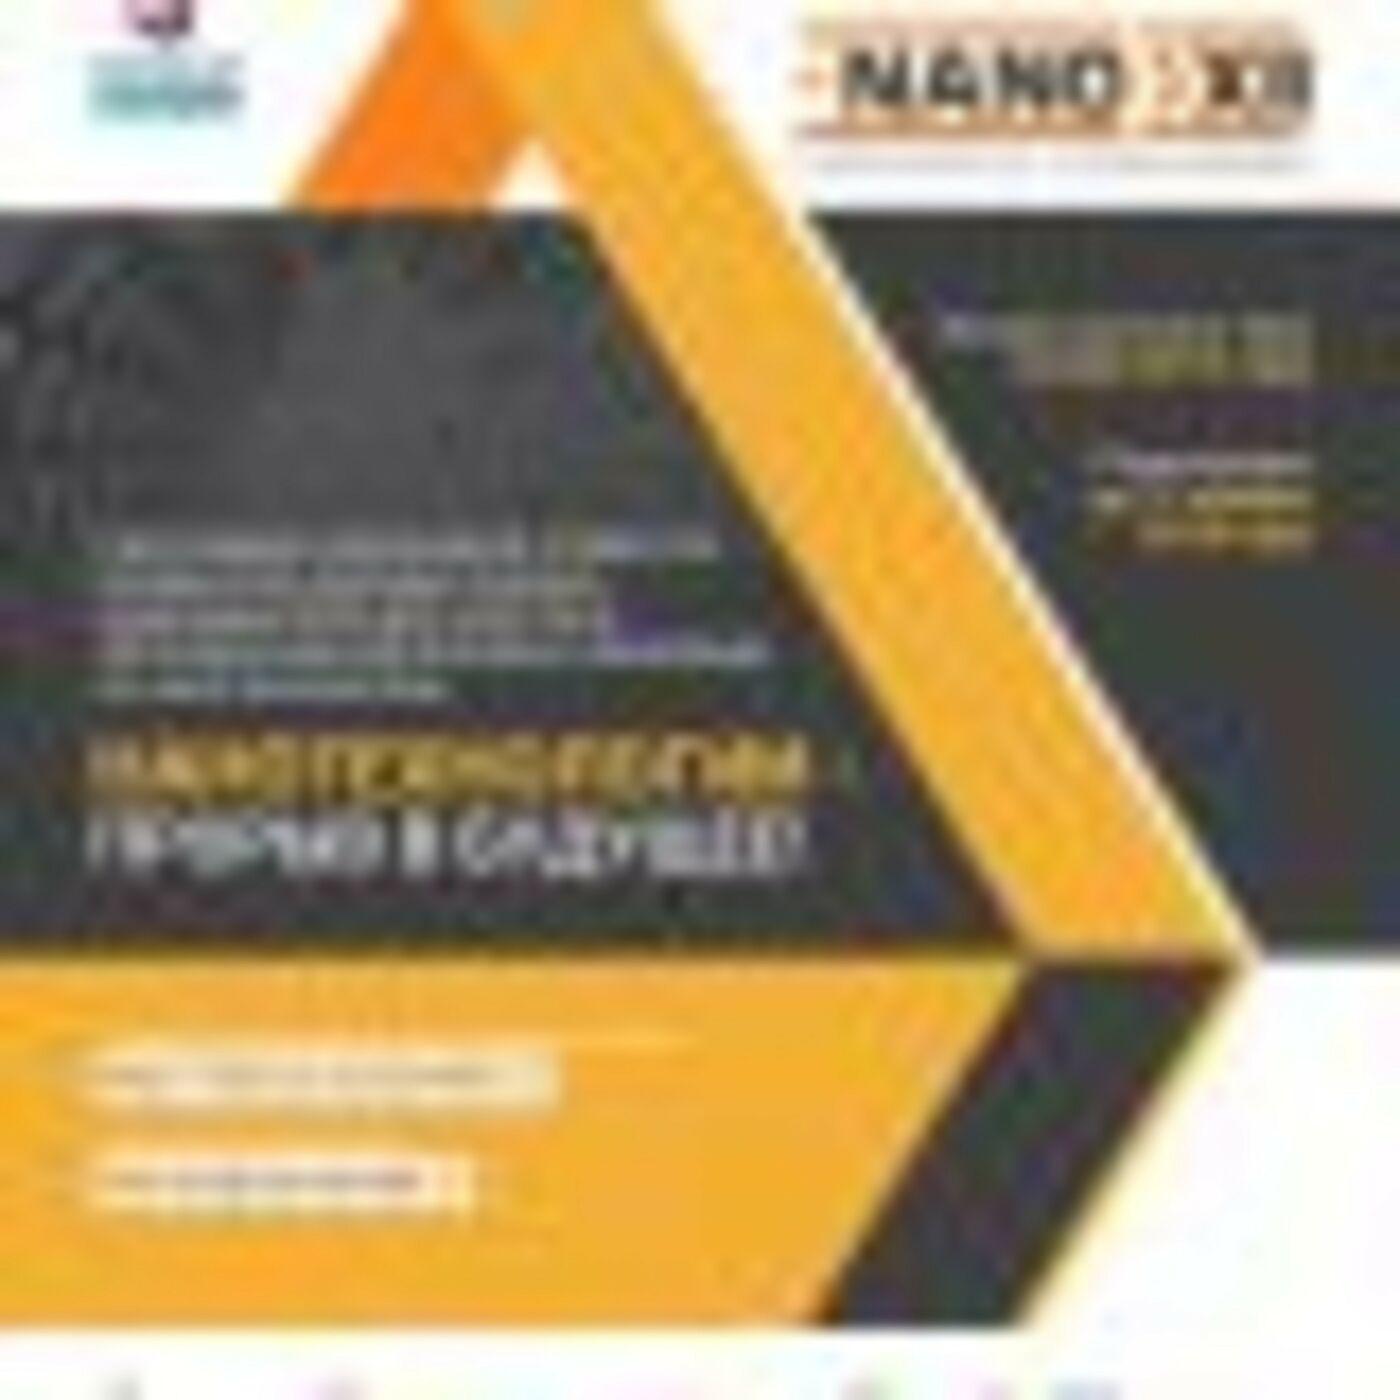 XII Всероссийская Интернет-олимпиада по нанотехнологиям «Нанотехнологии — прорыв в будущее!»